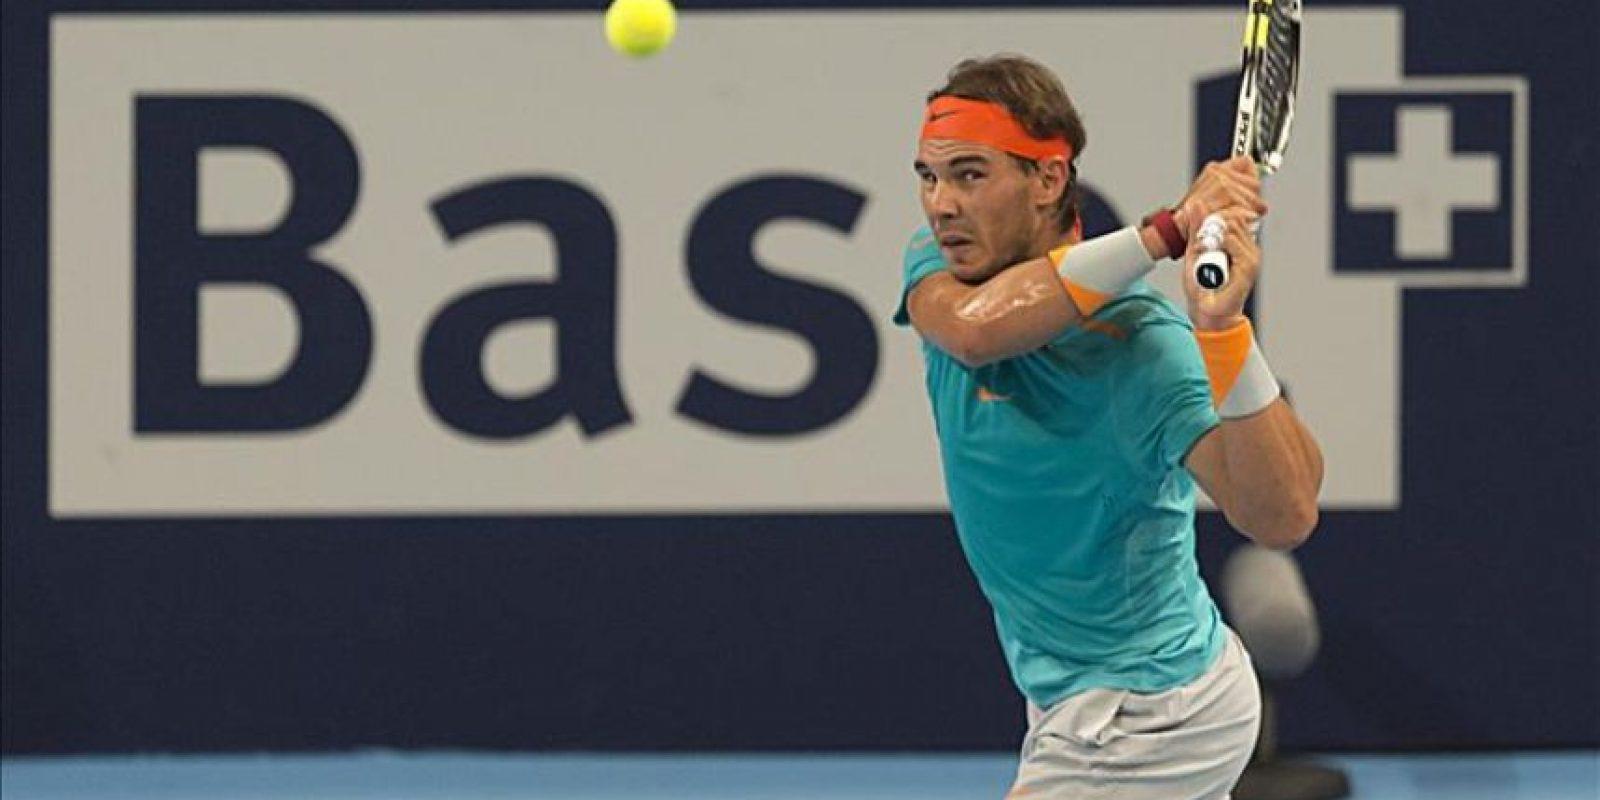 El tenista espaol Rafael Nadal devuelve una bola al italiano Simone Bolelli, durante el partido de primera ronda del torneo de Suiza que se disputa en el Jakobshalle de Basilea. EFE